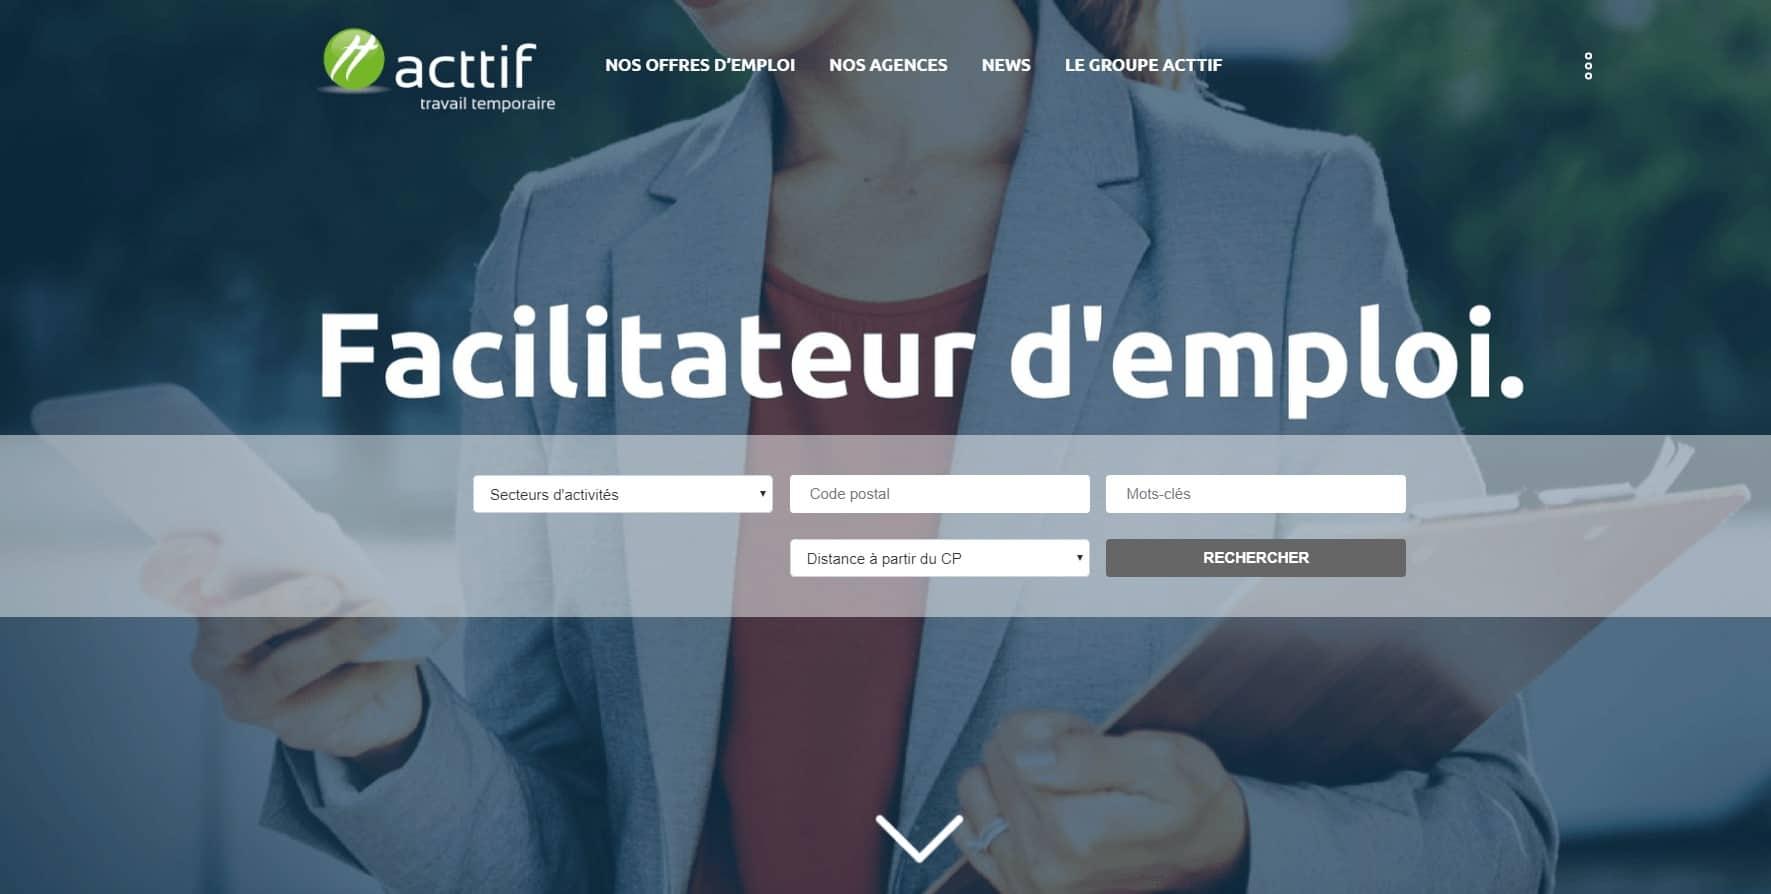 page d'accueil du site web d'acttif travail temporaire